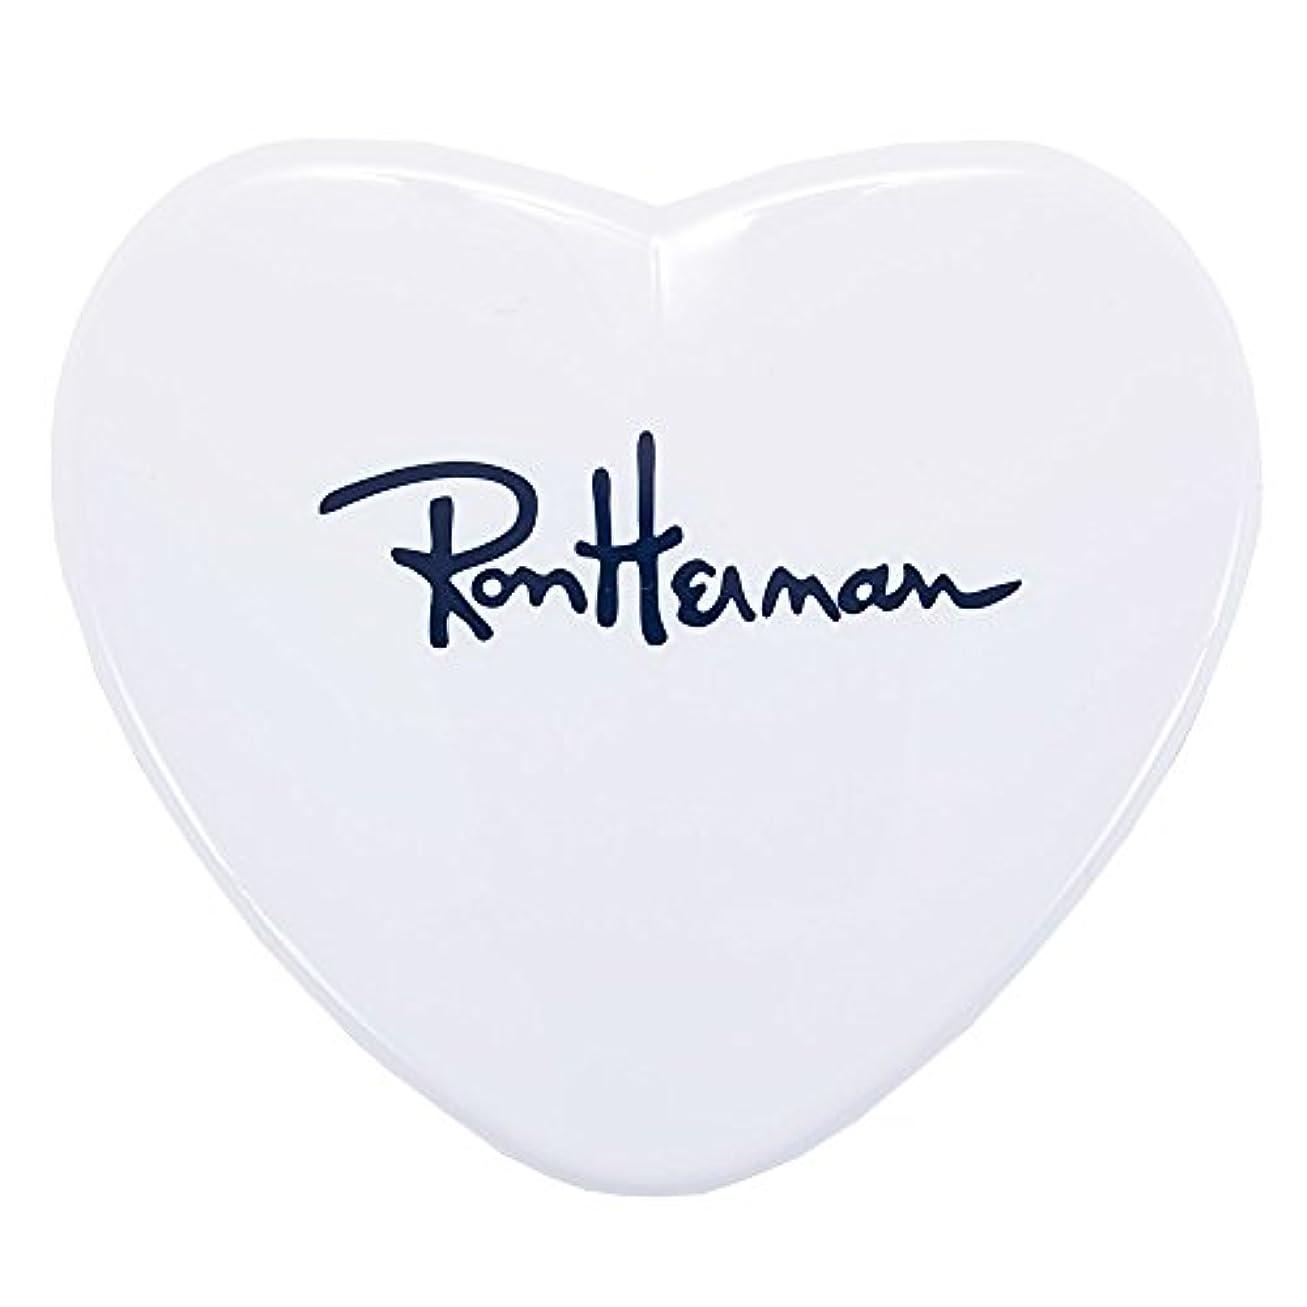 限界ヤングクローンロンハーマン Ron Herman RH ミラー 鏡 手鏡 ハート型ミラー HEART MILLER